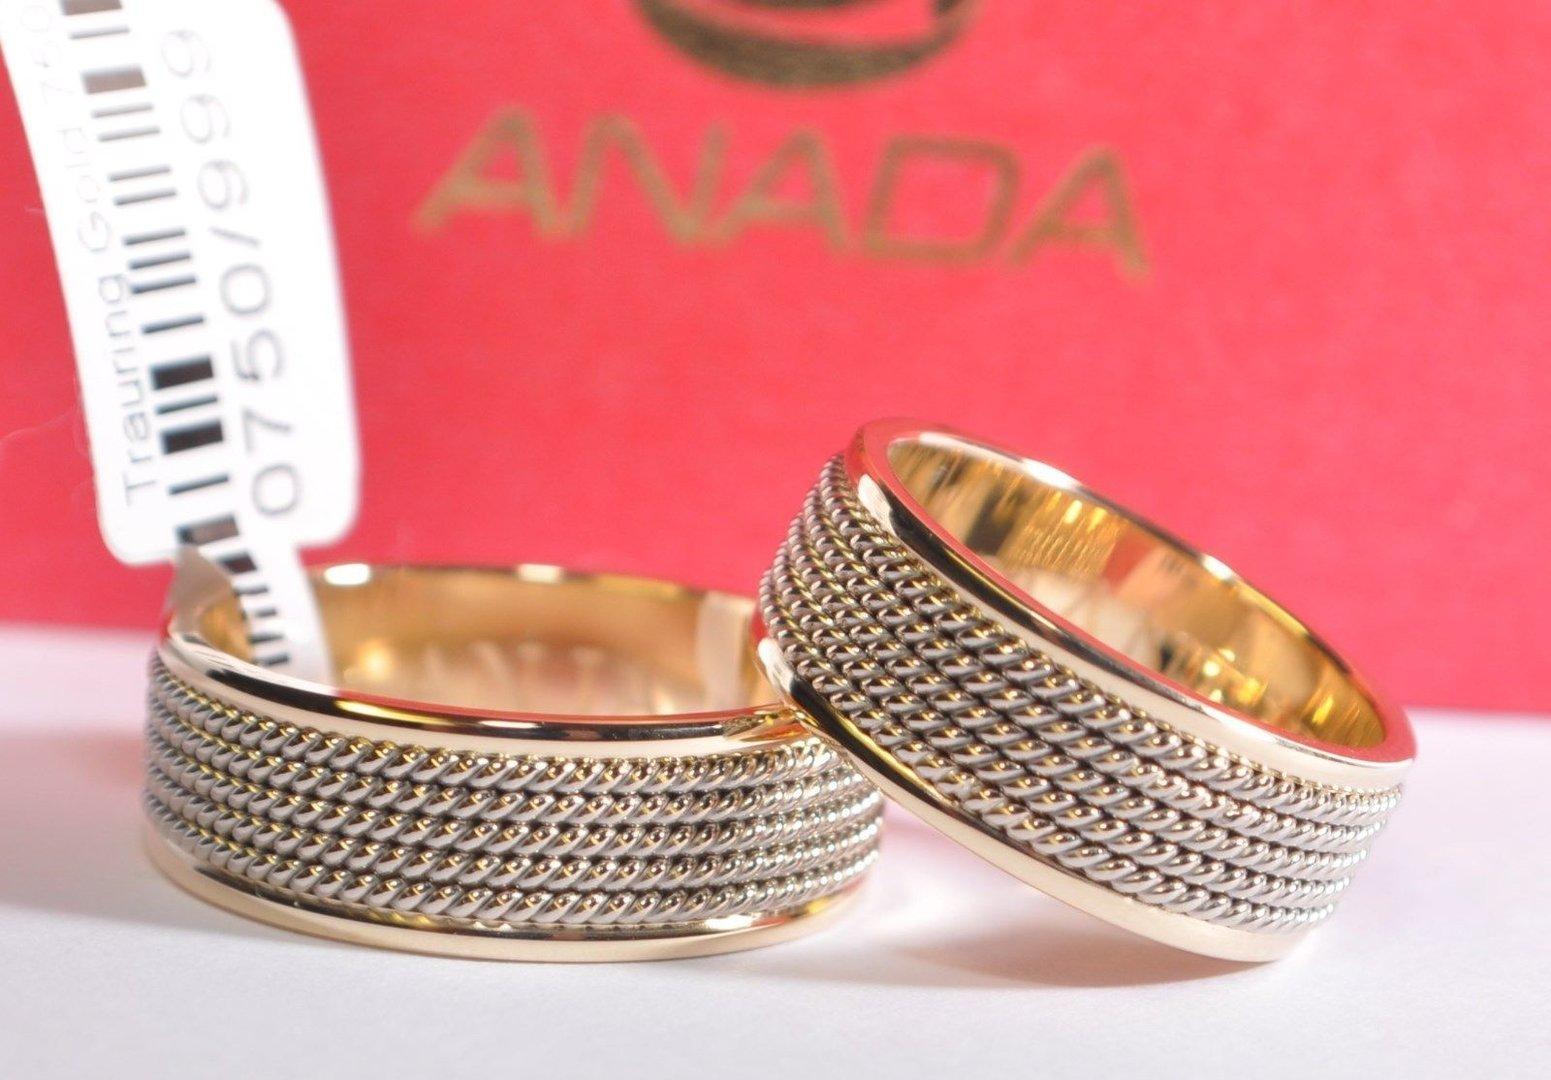 1 Paar Trauringe Hochzeitsringe Gold 750 Bicolor Breite 7mm